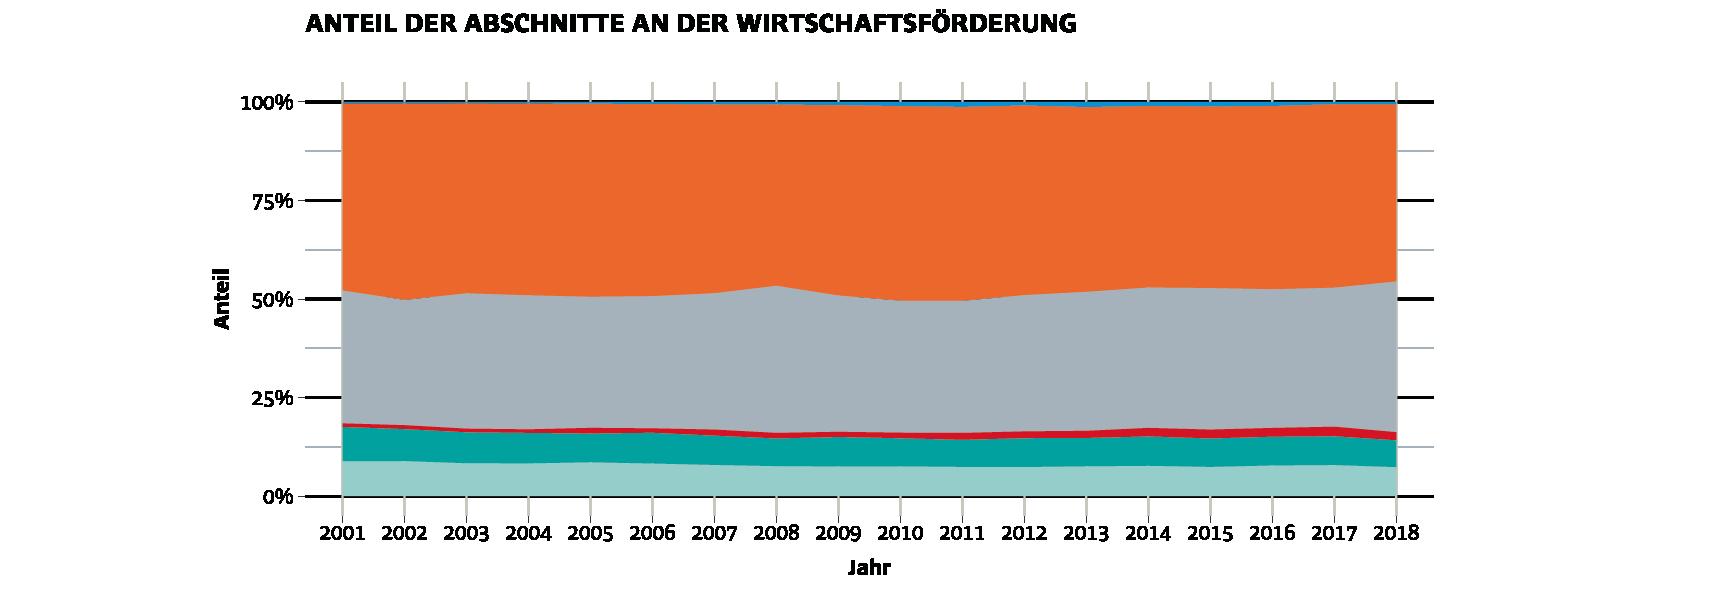 Anteil der Abschnitte an der Wirtschaftsförderung